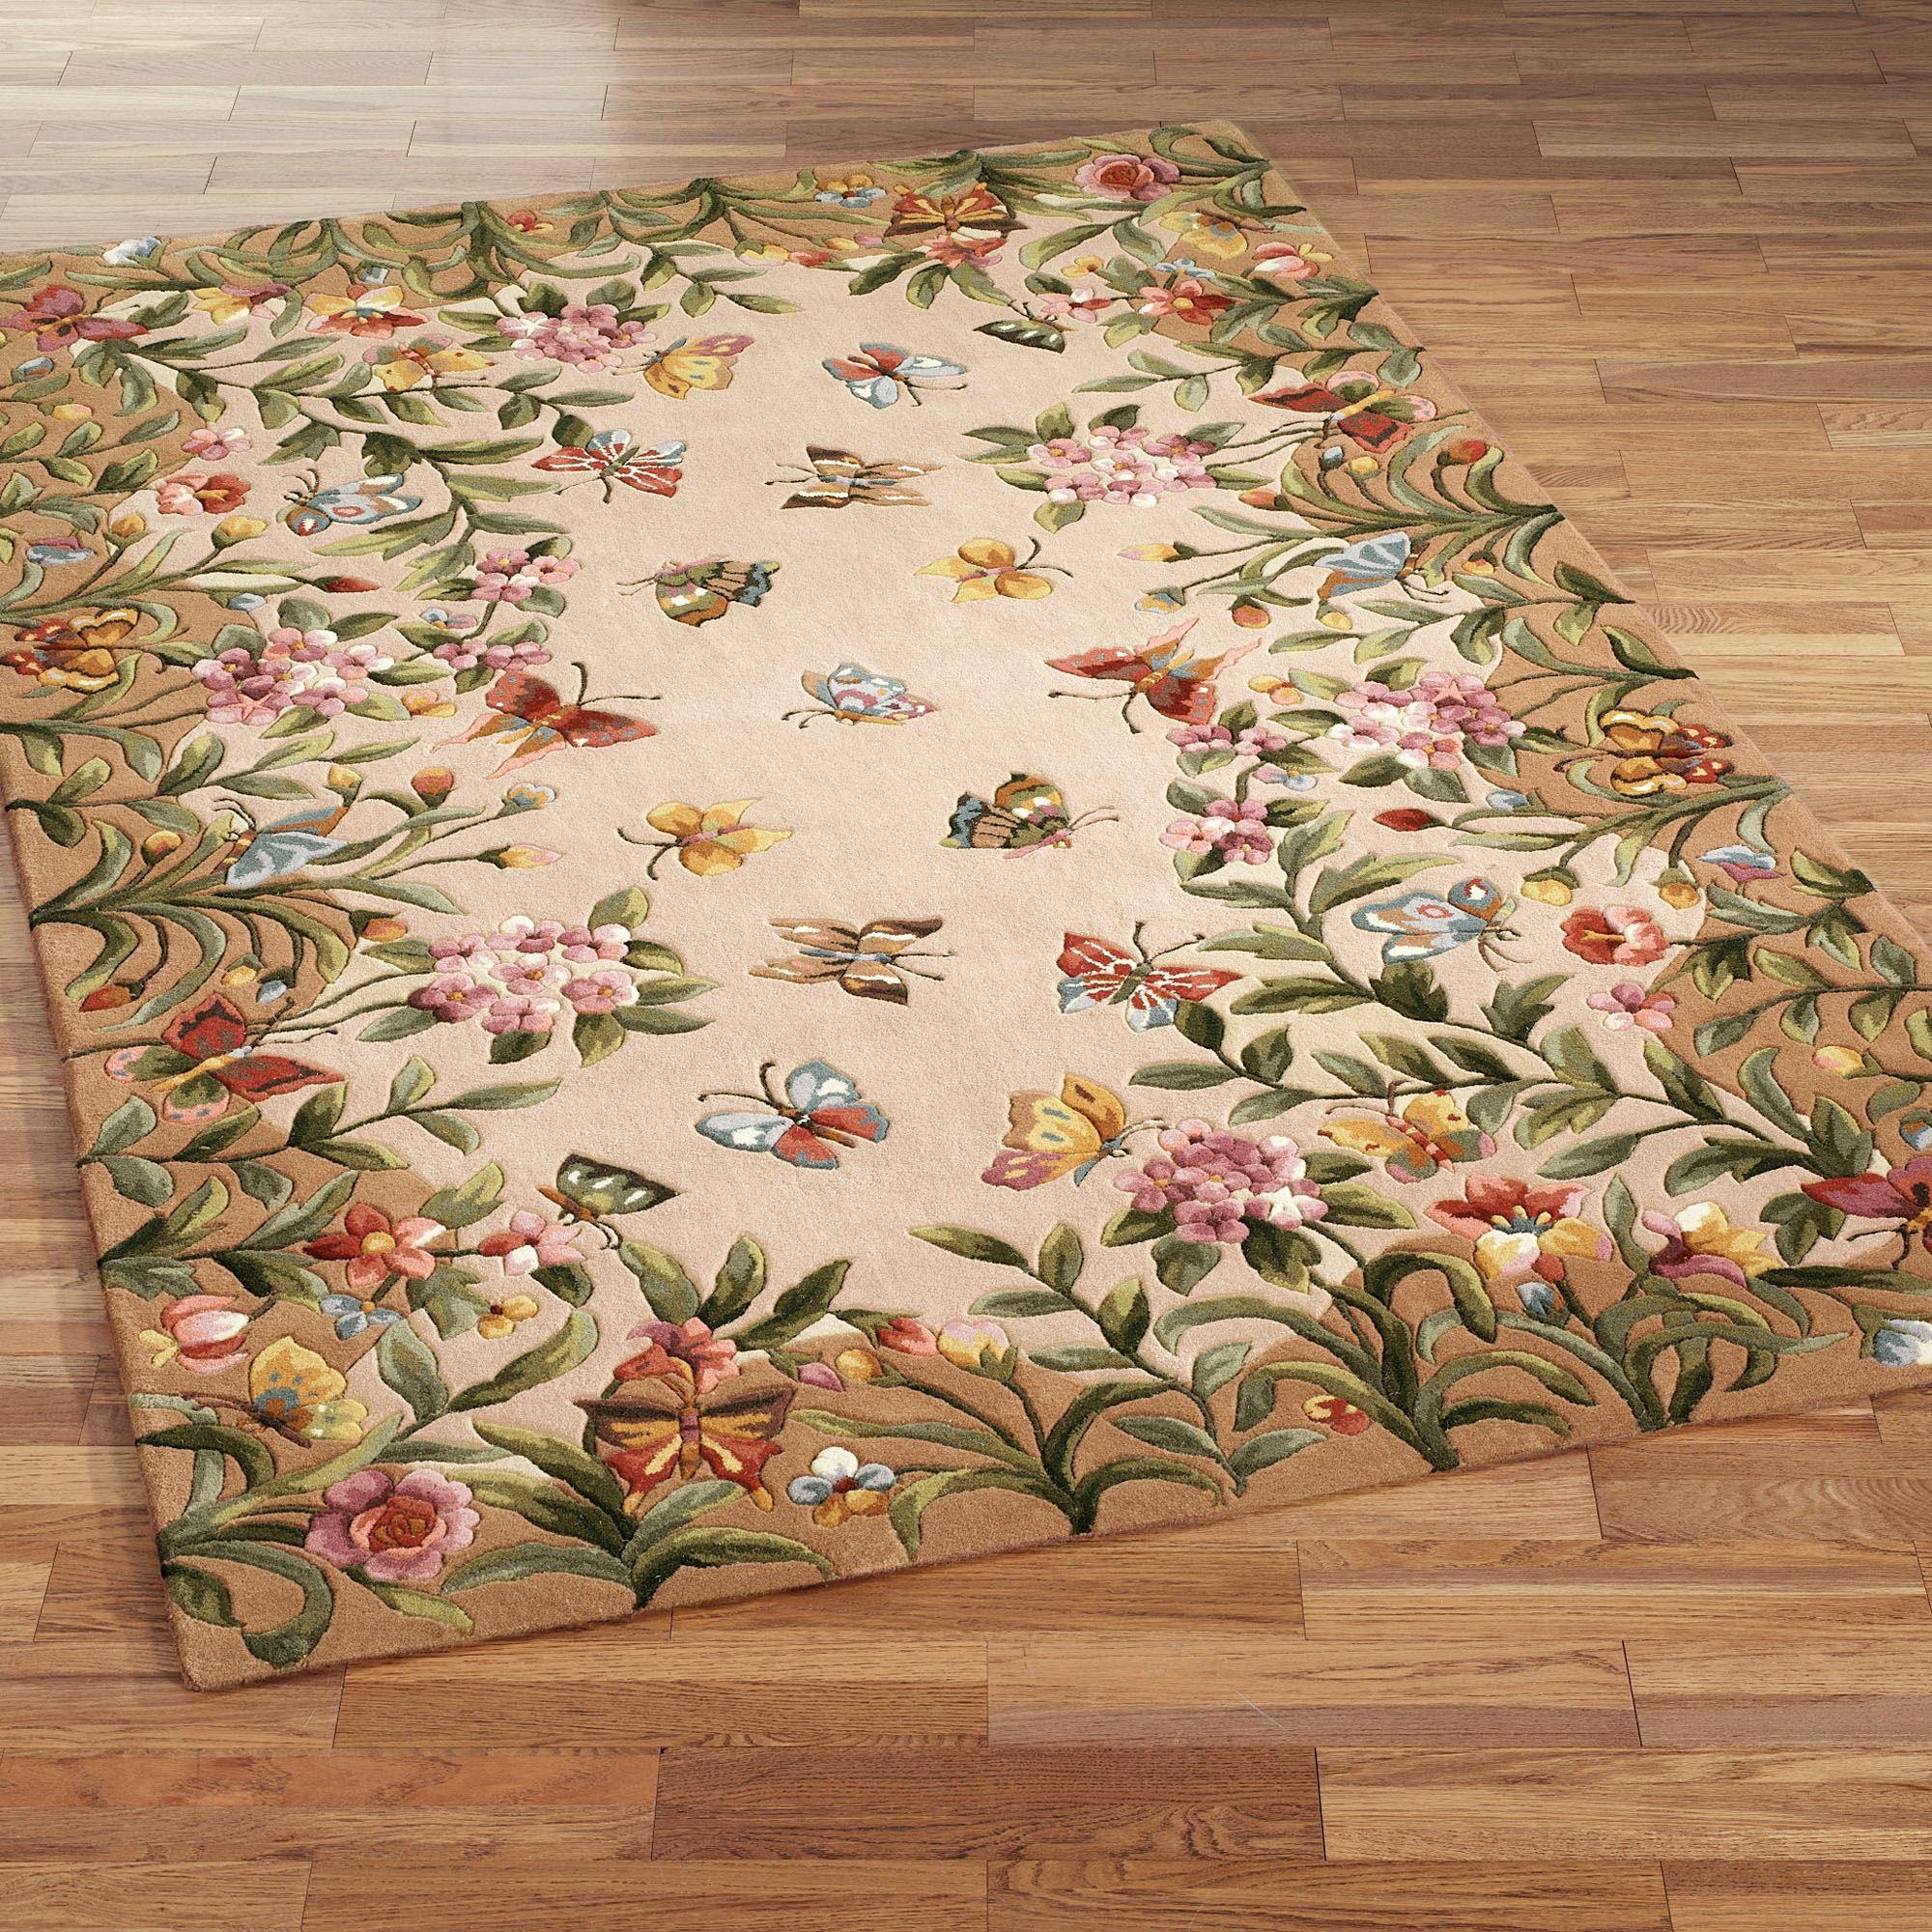 Choosing the best floral rug